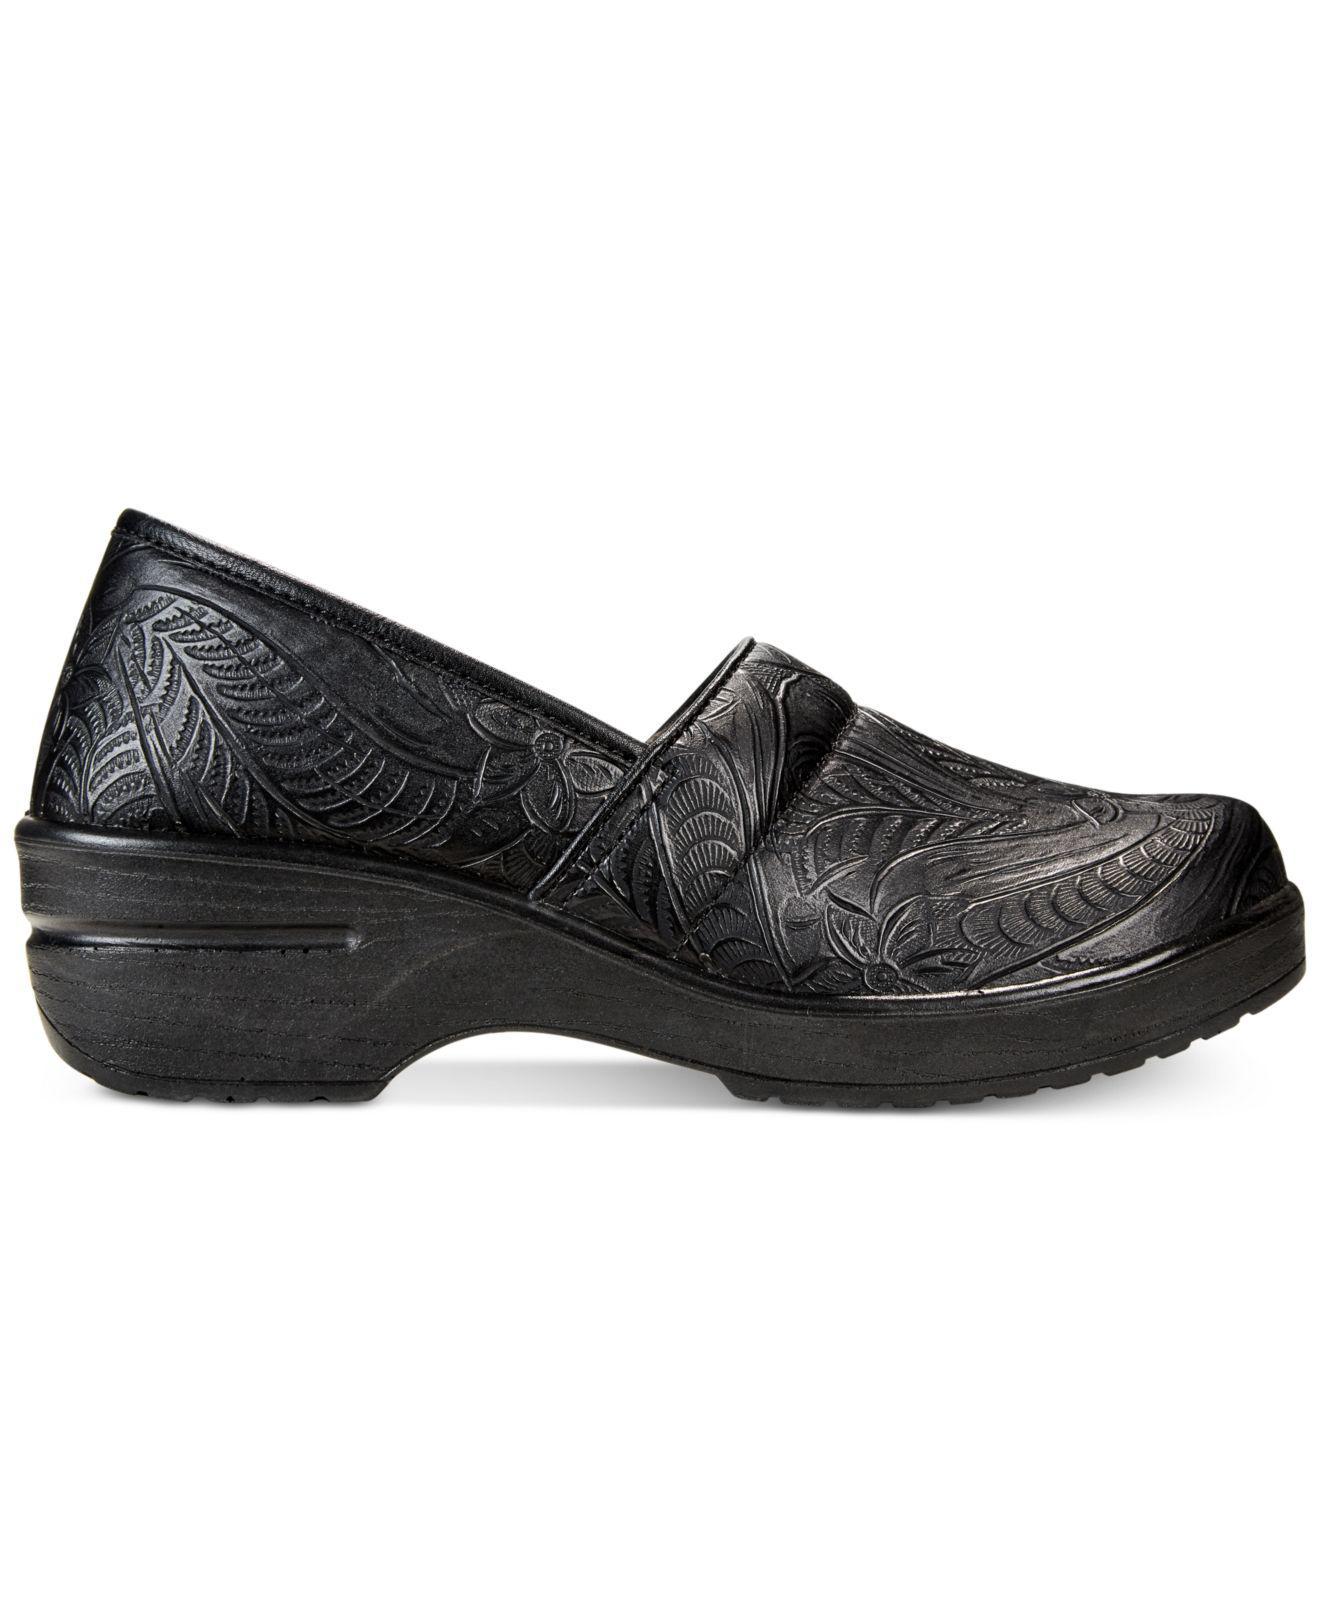 83fd596b1ae5 Lyst - Easy Street Lyndee Slip-on Clogs in Black